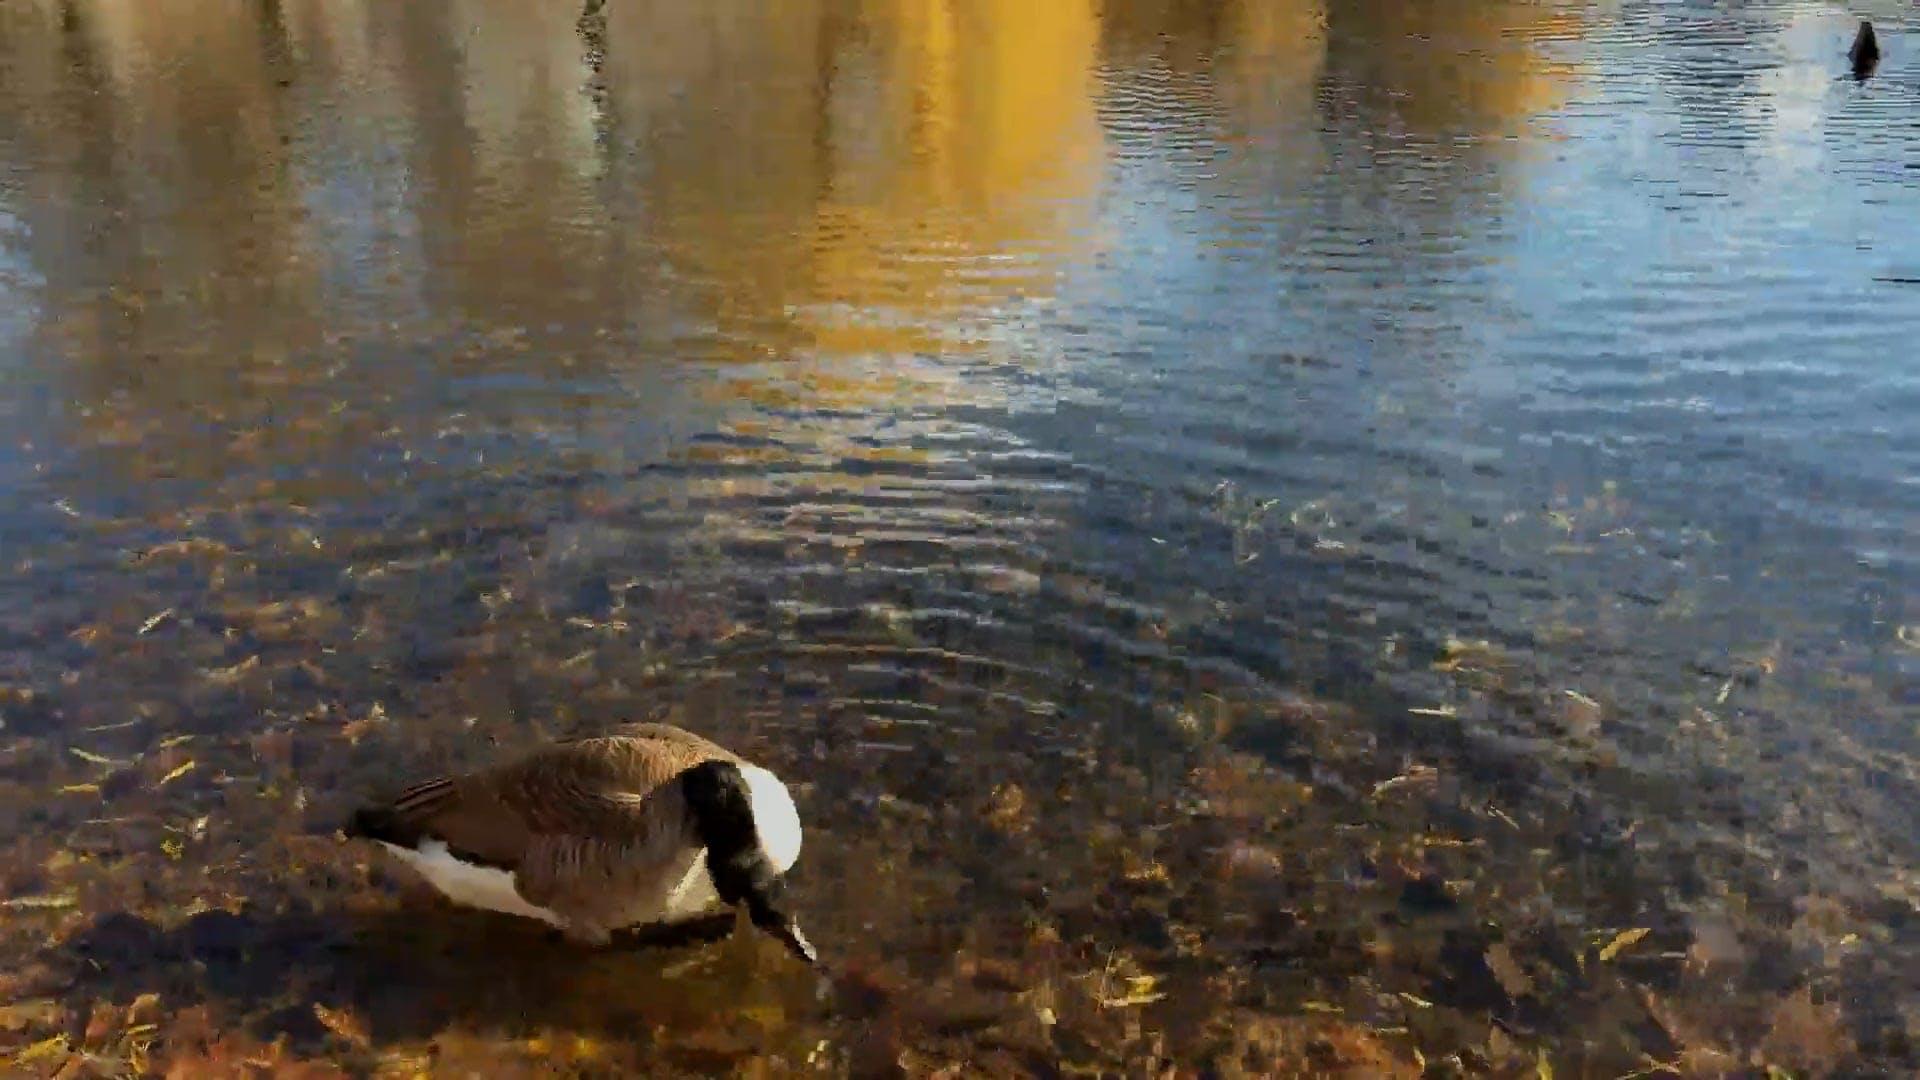 Ducks Preening At The Lake